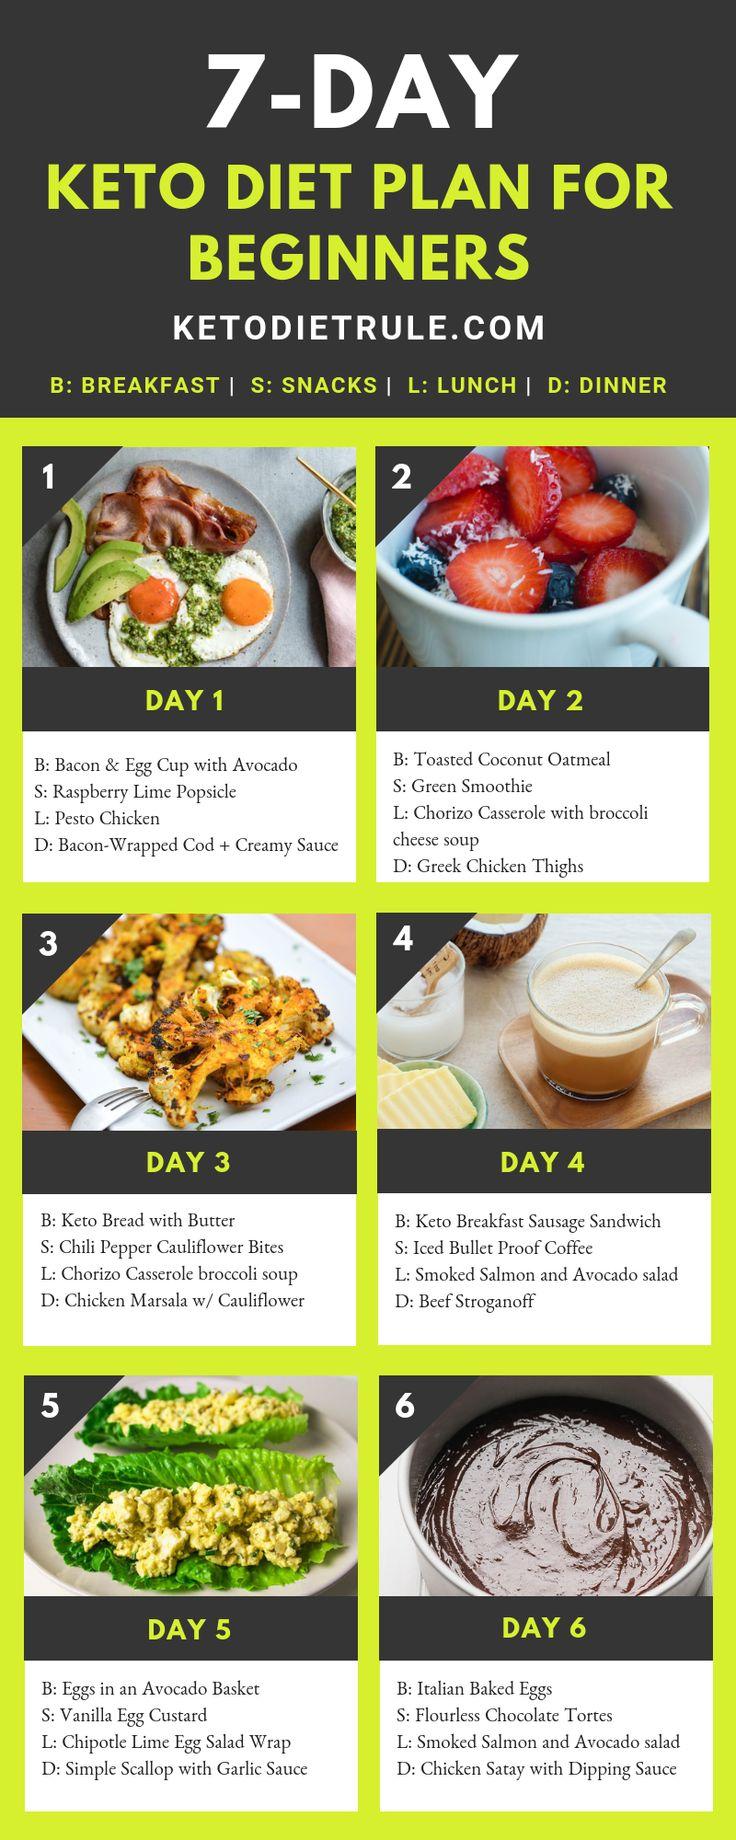 7-tägiger Keto-Diät-Speiseplan und Menü für Anfänger zum Abnehmen